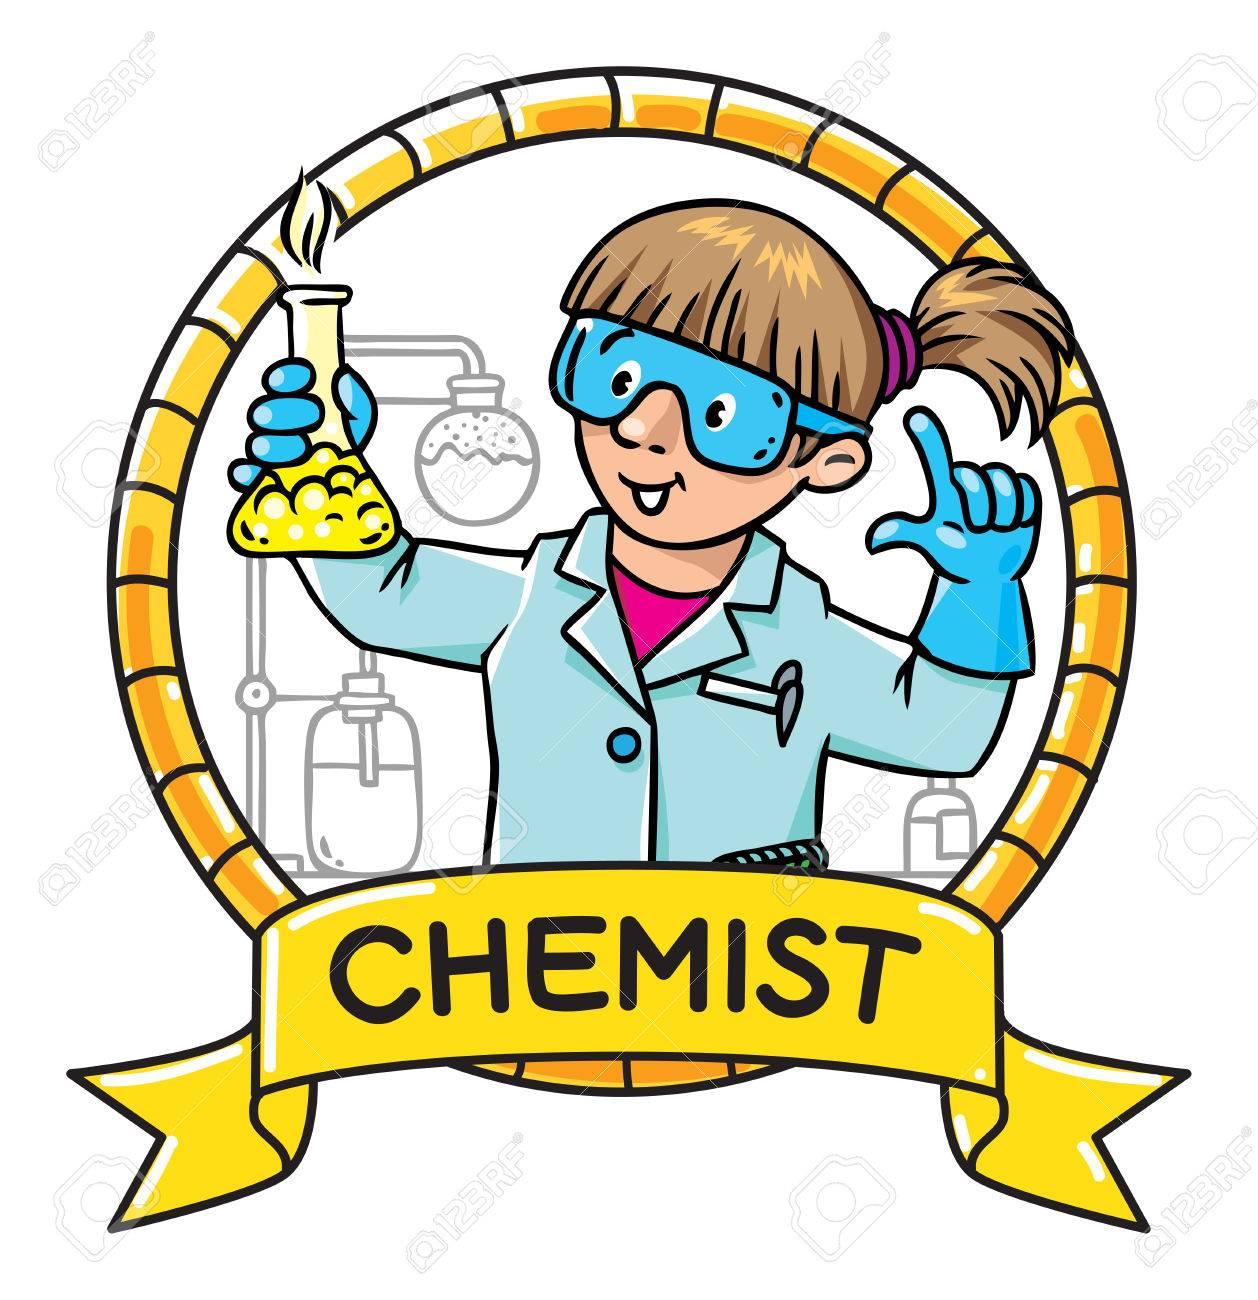 子供のベクトル イラストや面白い化学者や科学者の紋章メガネの女性は